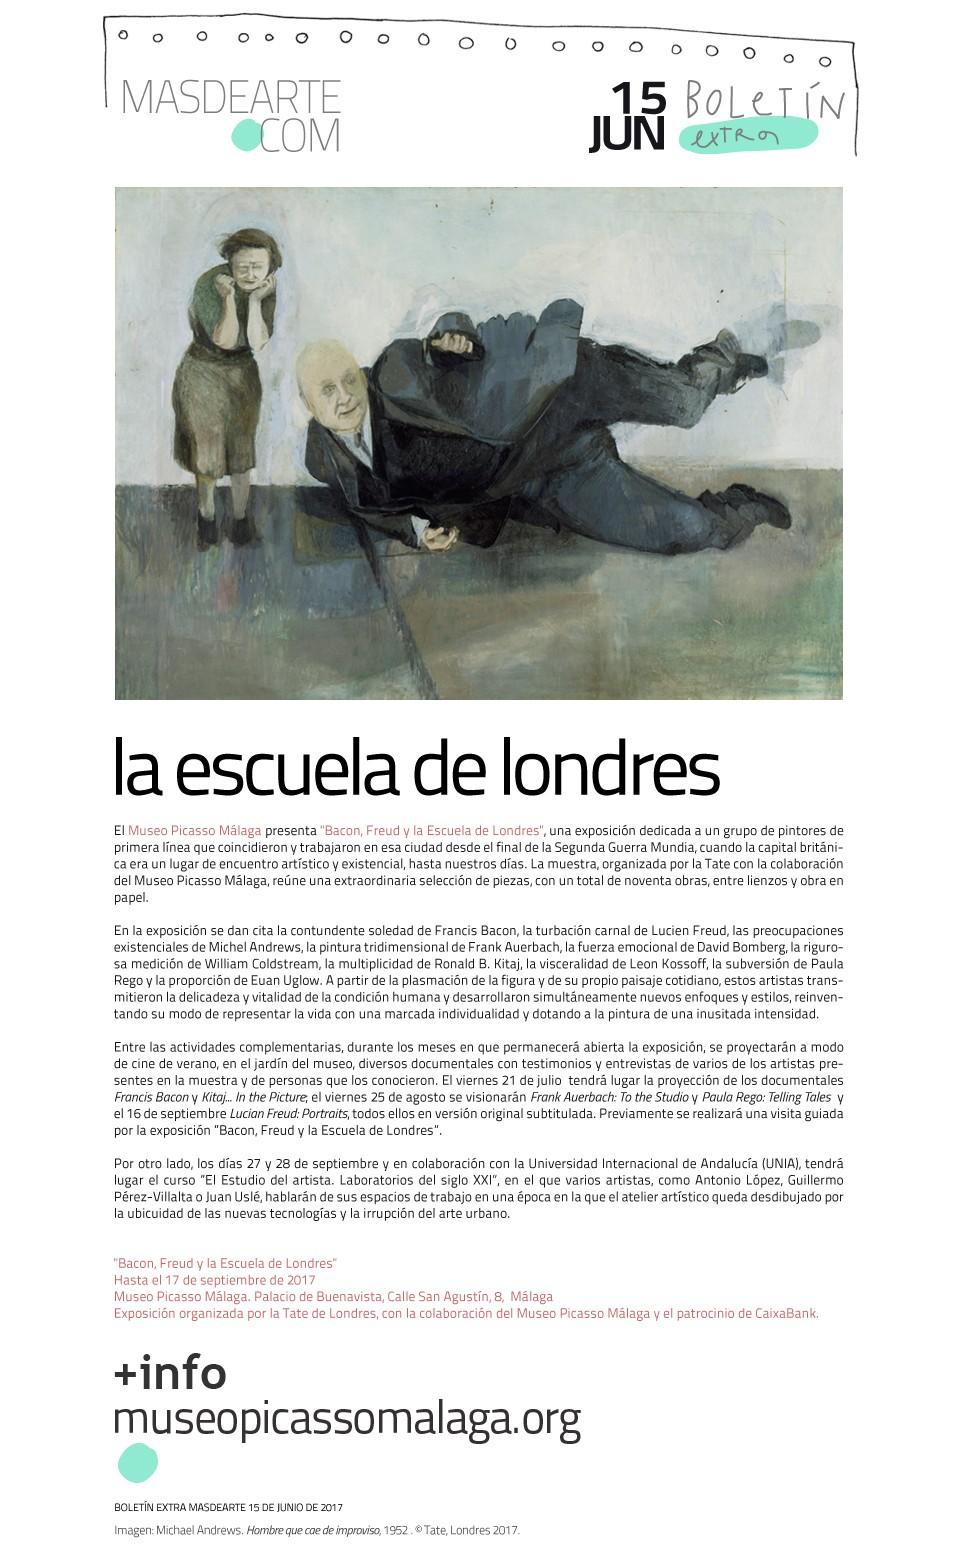 La Escuela de Londres. Exposición en el Museo Picasso Málaga,  hasta el 17 de septiembre de 2017